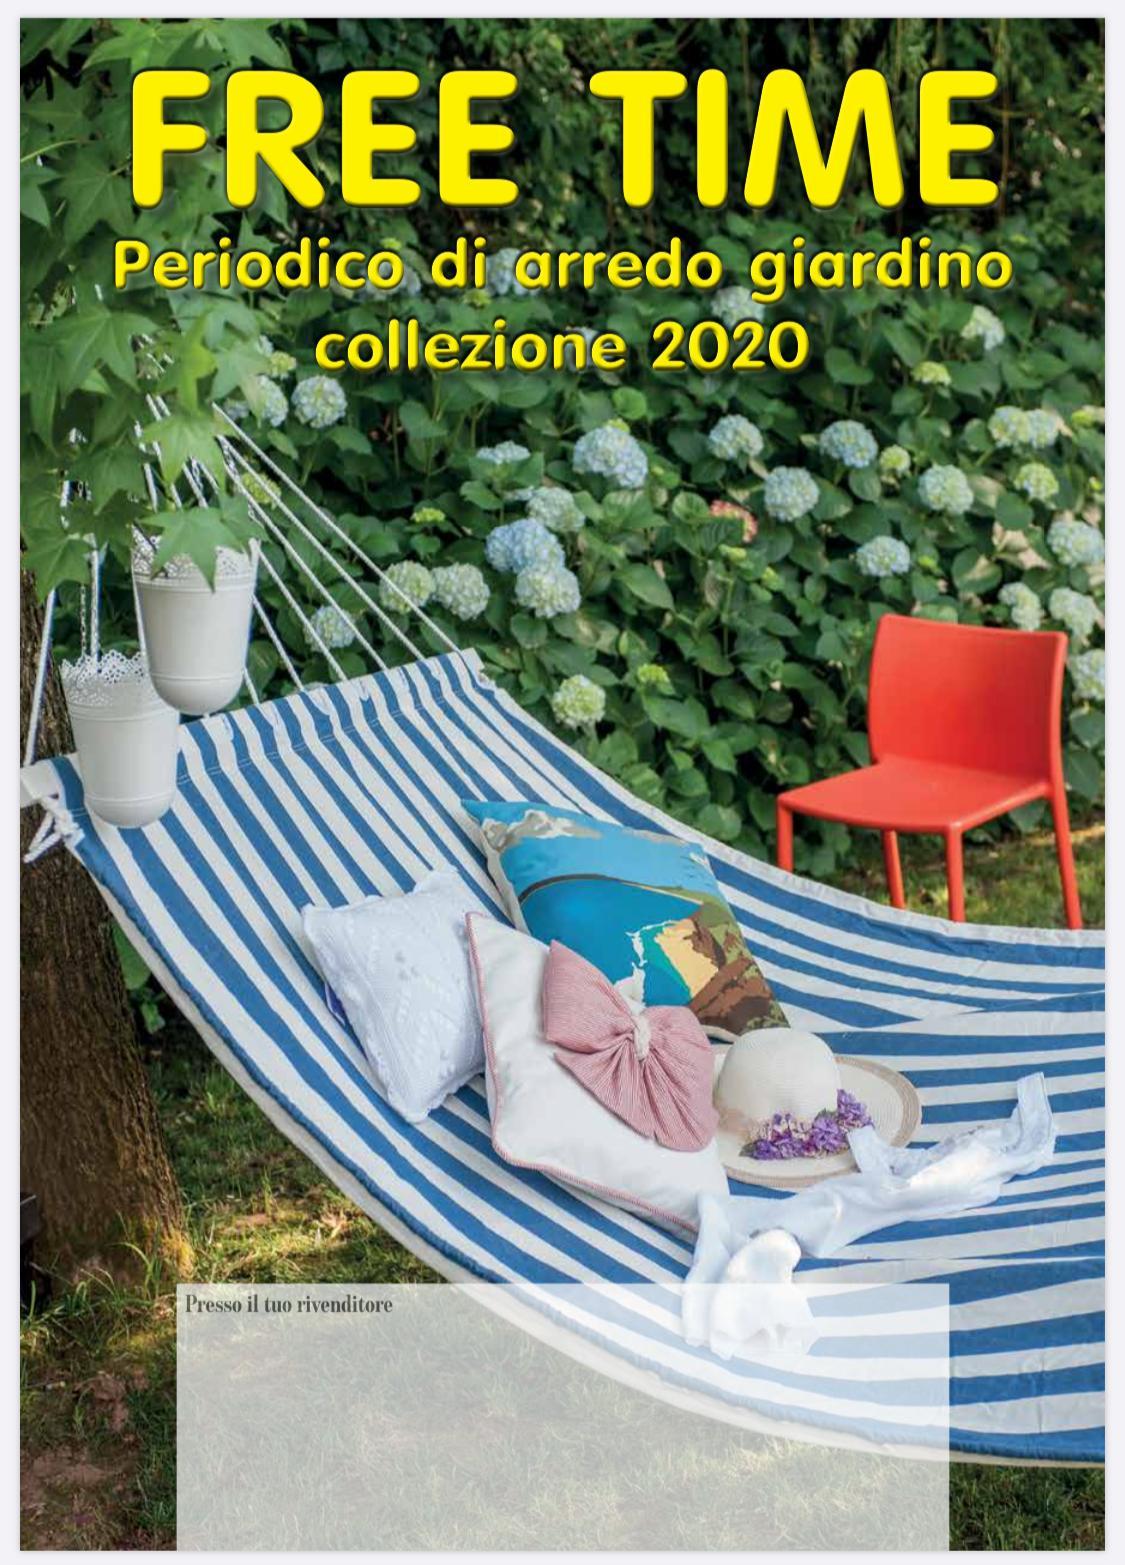 GIARDINI DEL RE FREE TIME Lauro & Company